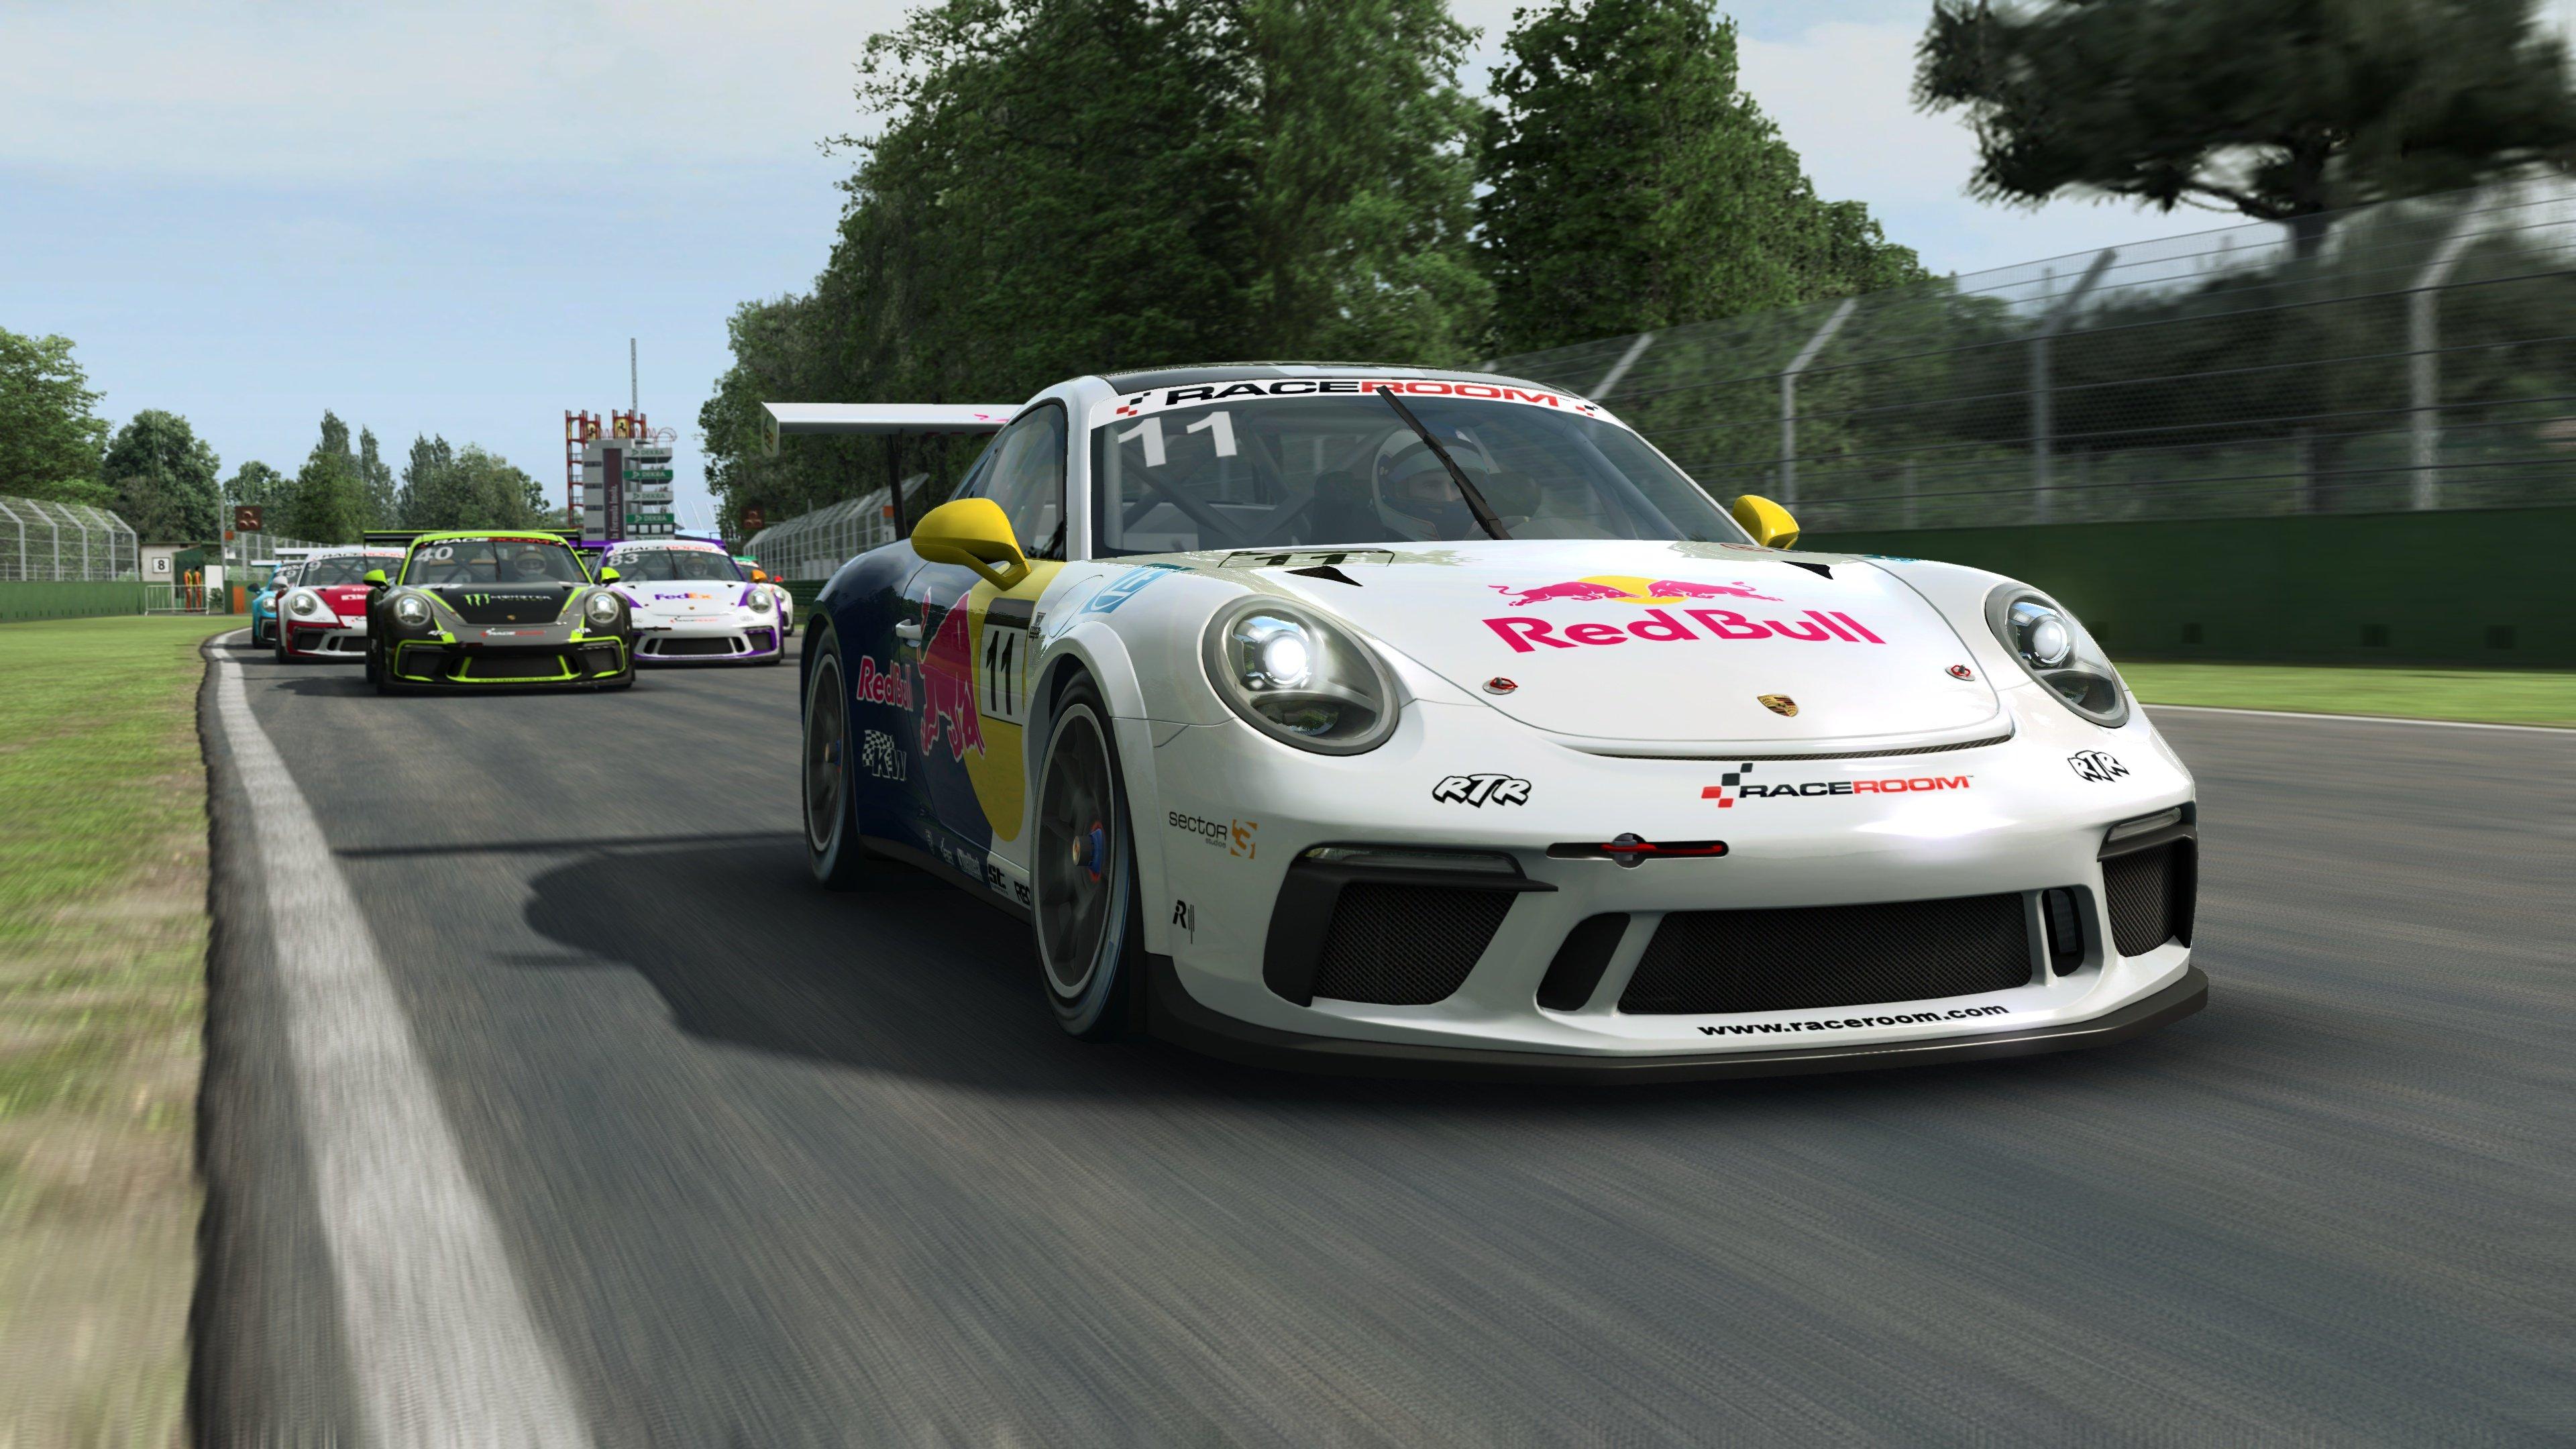 RaceRoom 991.2 Porsche 911 GT3 Cup 3